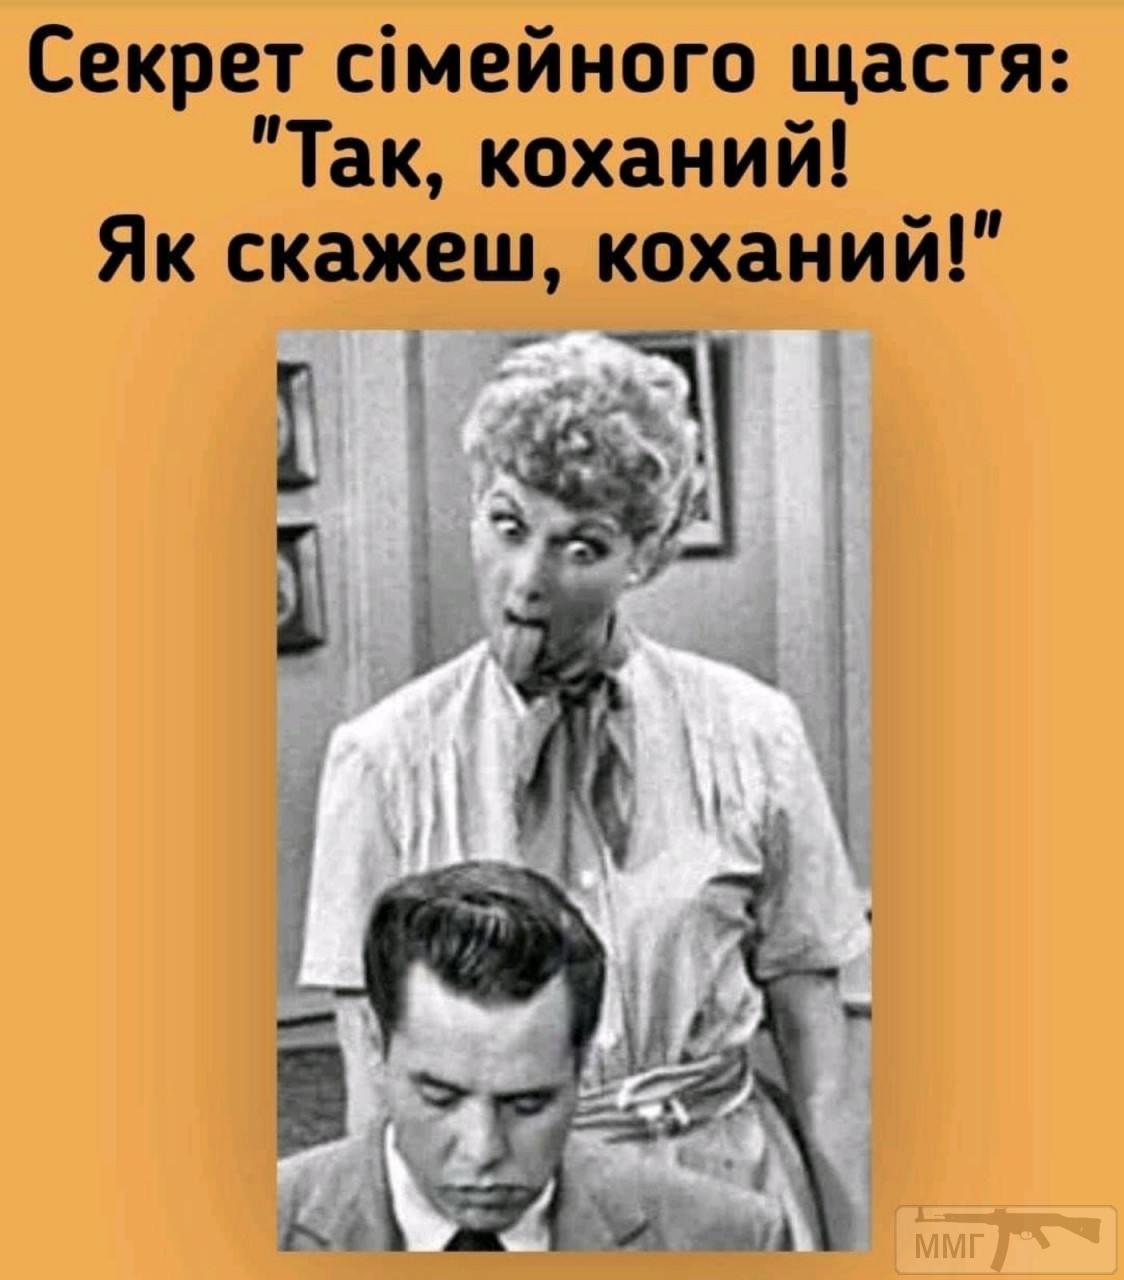 111508 - Отношения между мужем и женой.